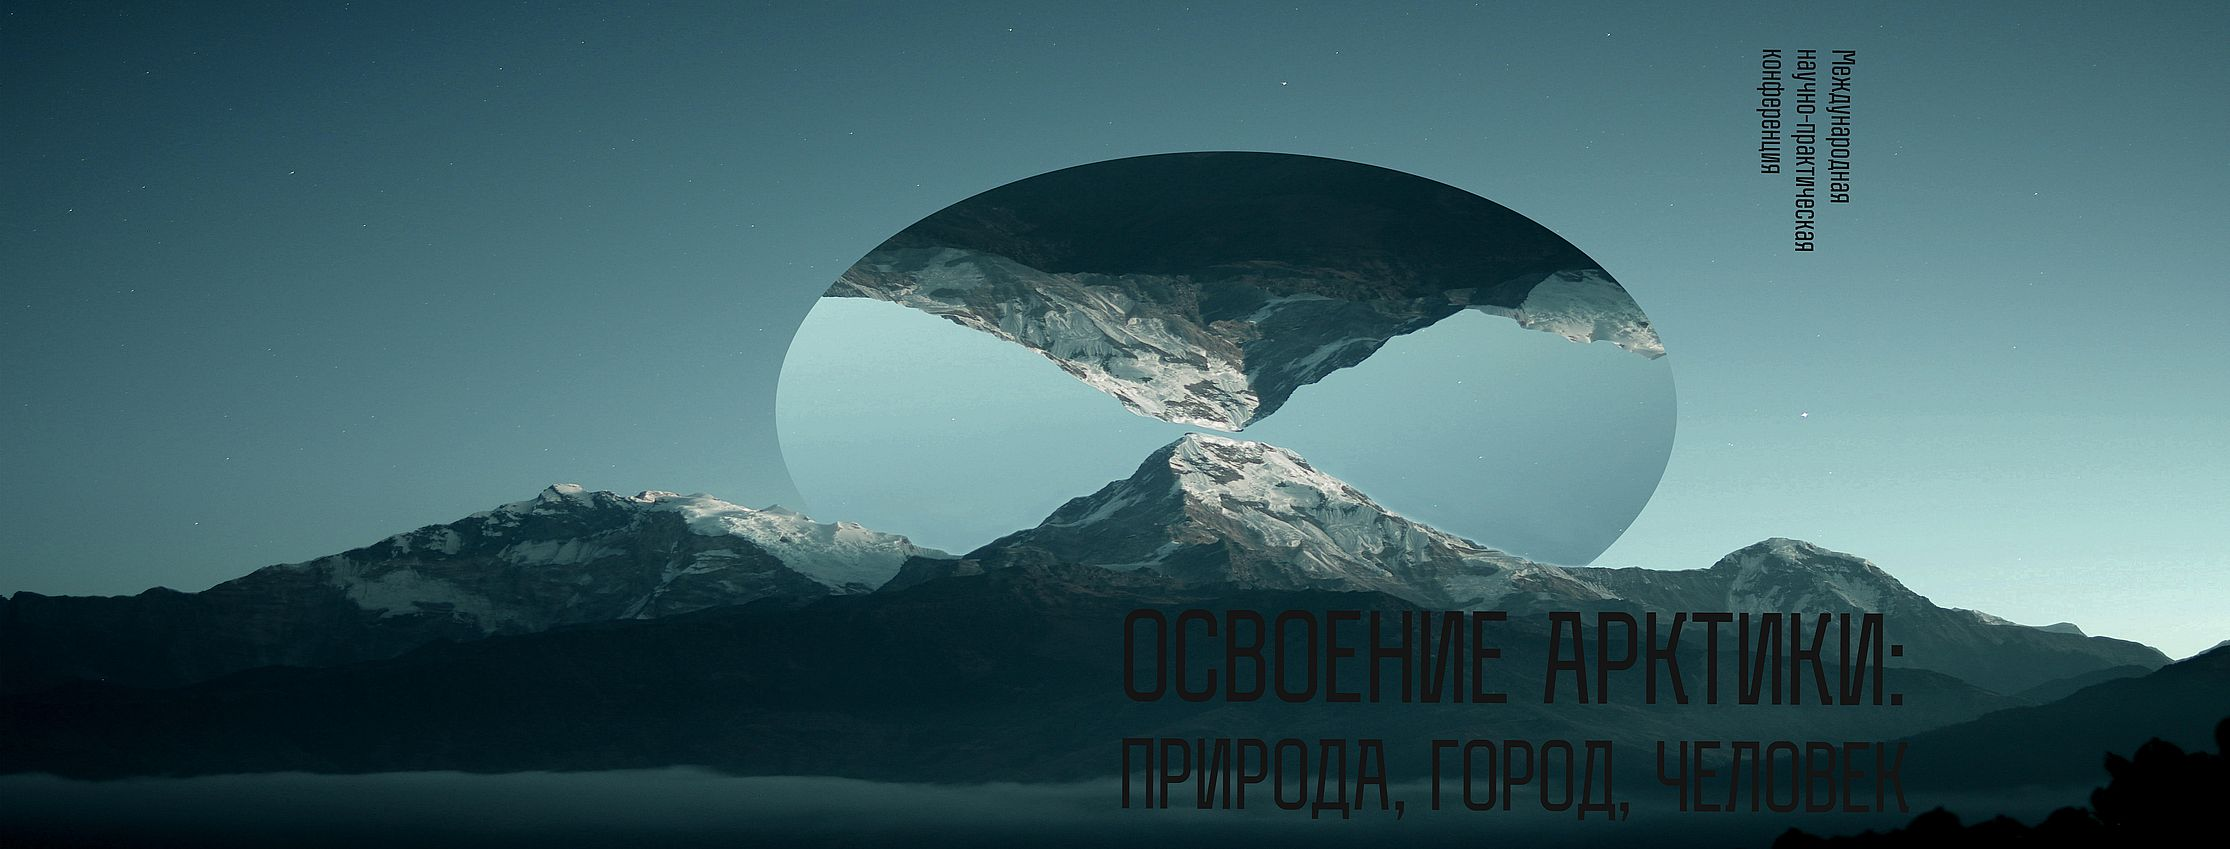 """Через неделю в Норильске откроется Международная конференция """"Освоение Арктики: природа, город, человек"""""""